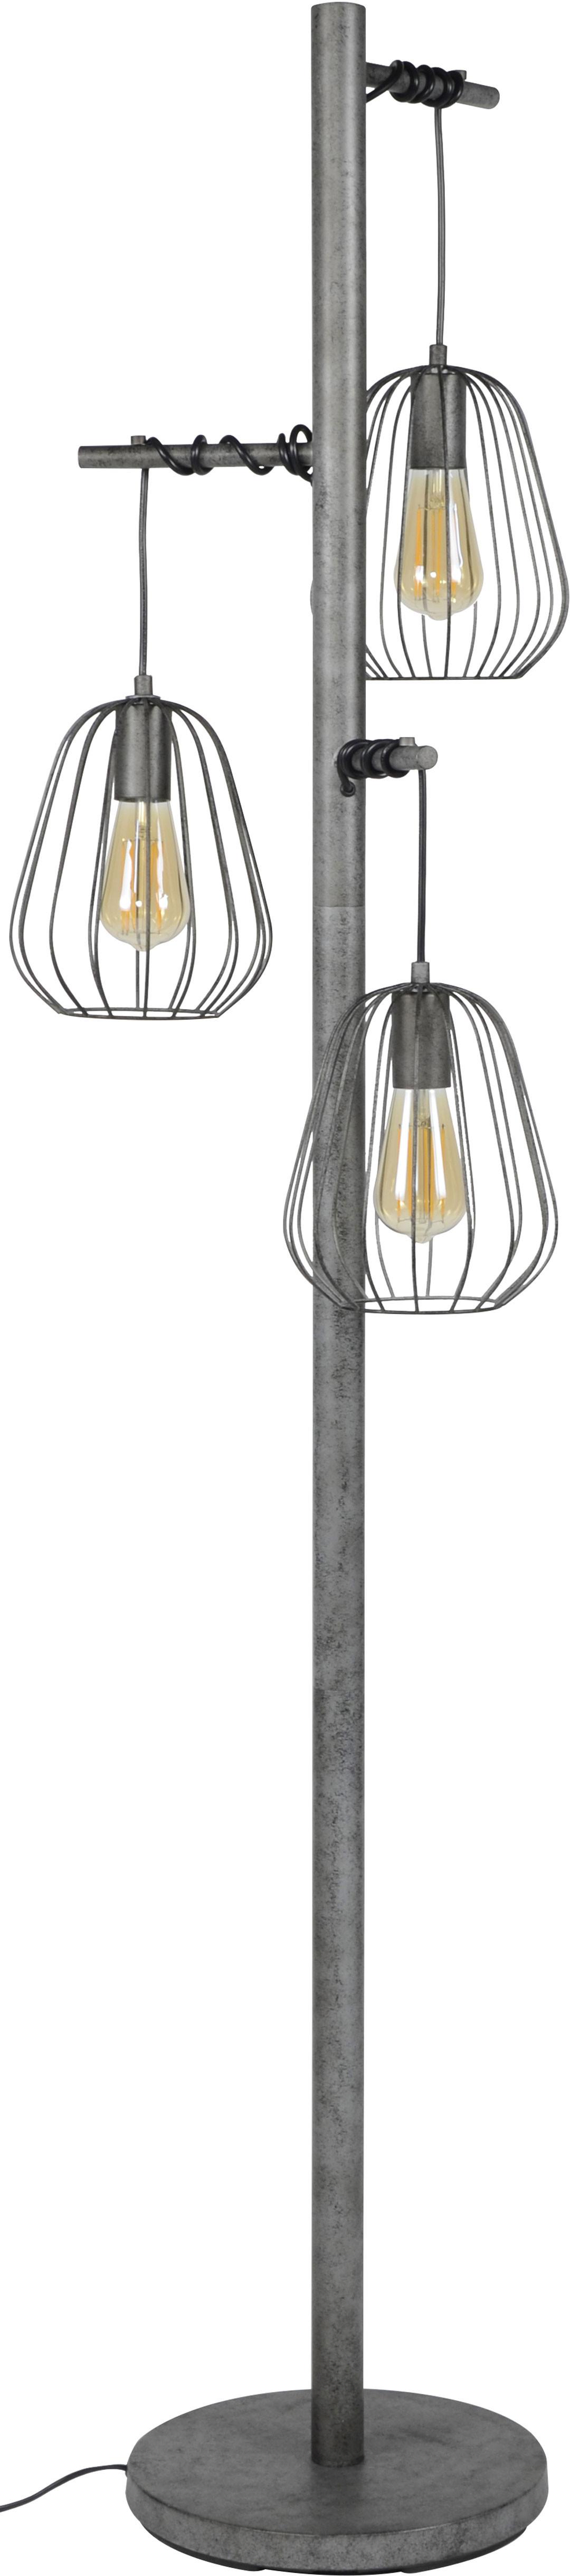 Lampadaire vintage en métal gris ancien 3 lampes Stella